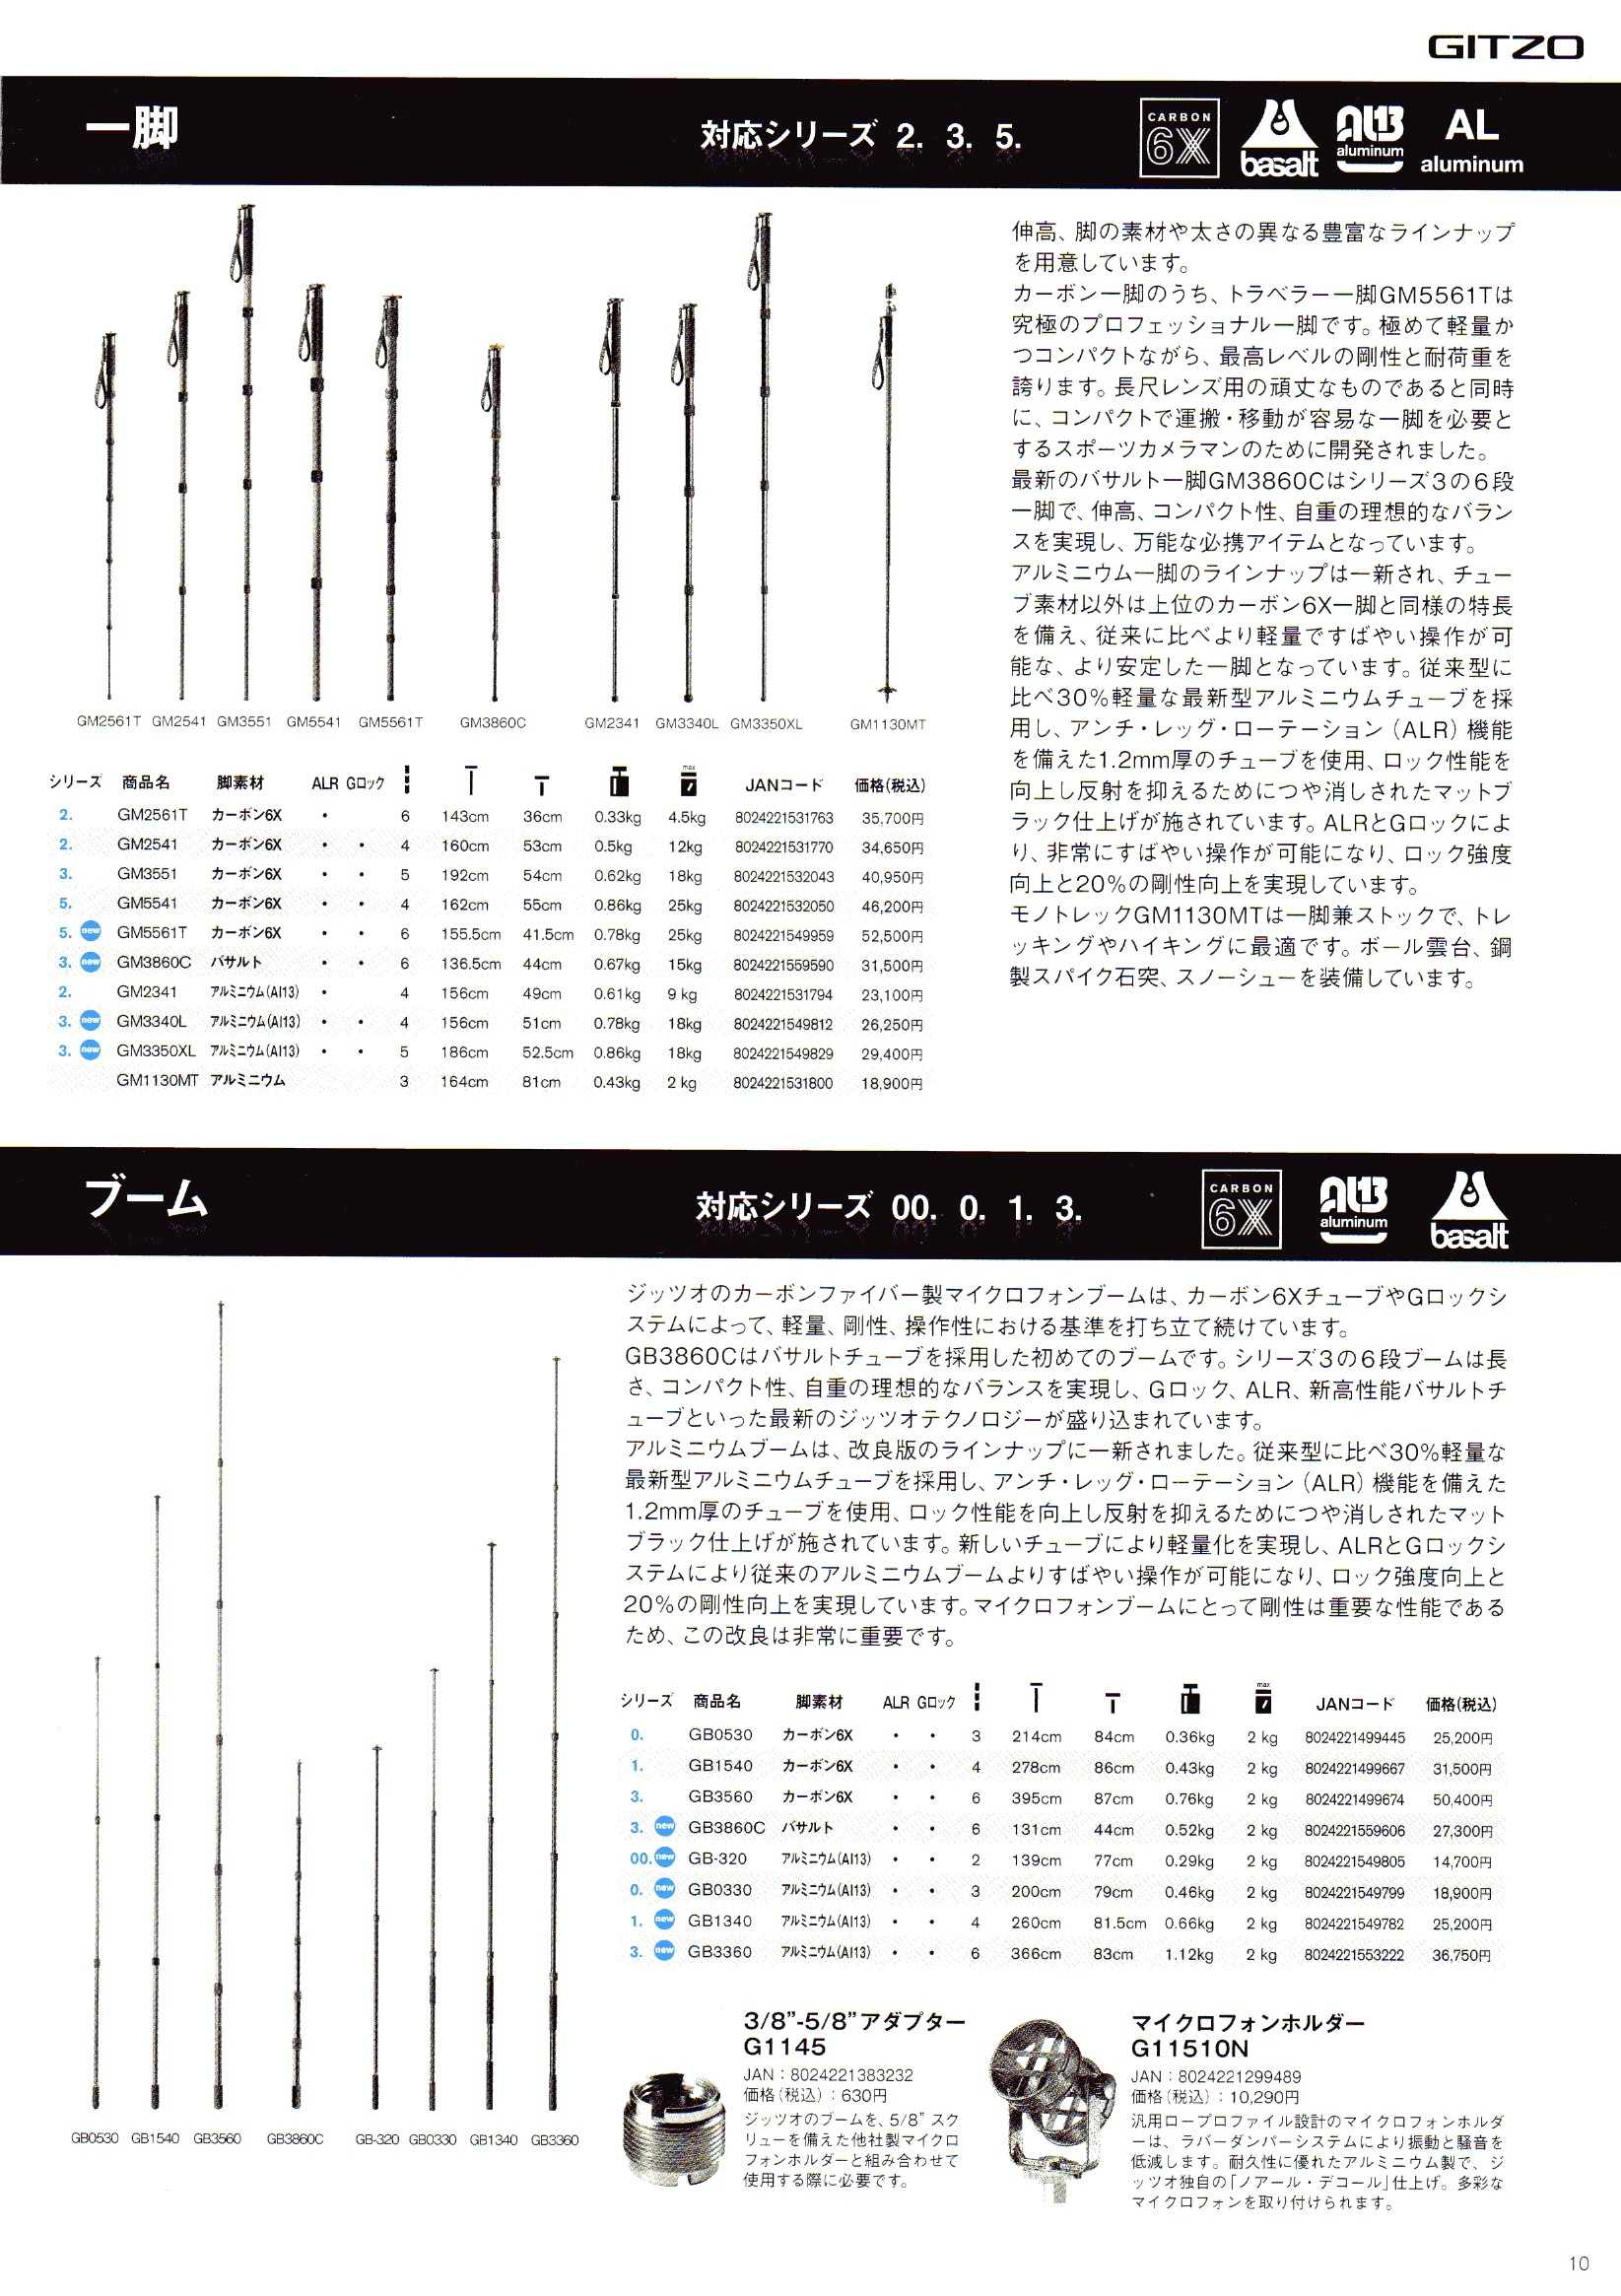 デジタル一眼レフカメラ比較・選び方入門 デジ一.com GITZO(ジッツオ/ジッツォ)最新カタログ P010(一脚)